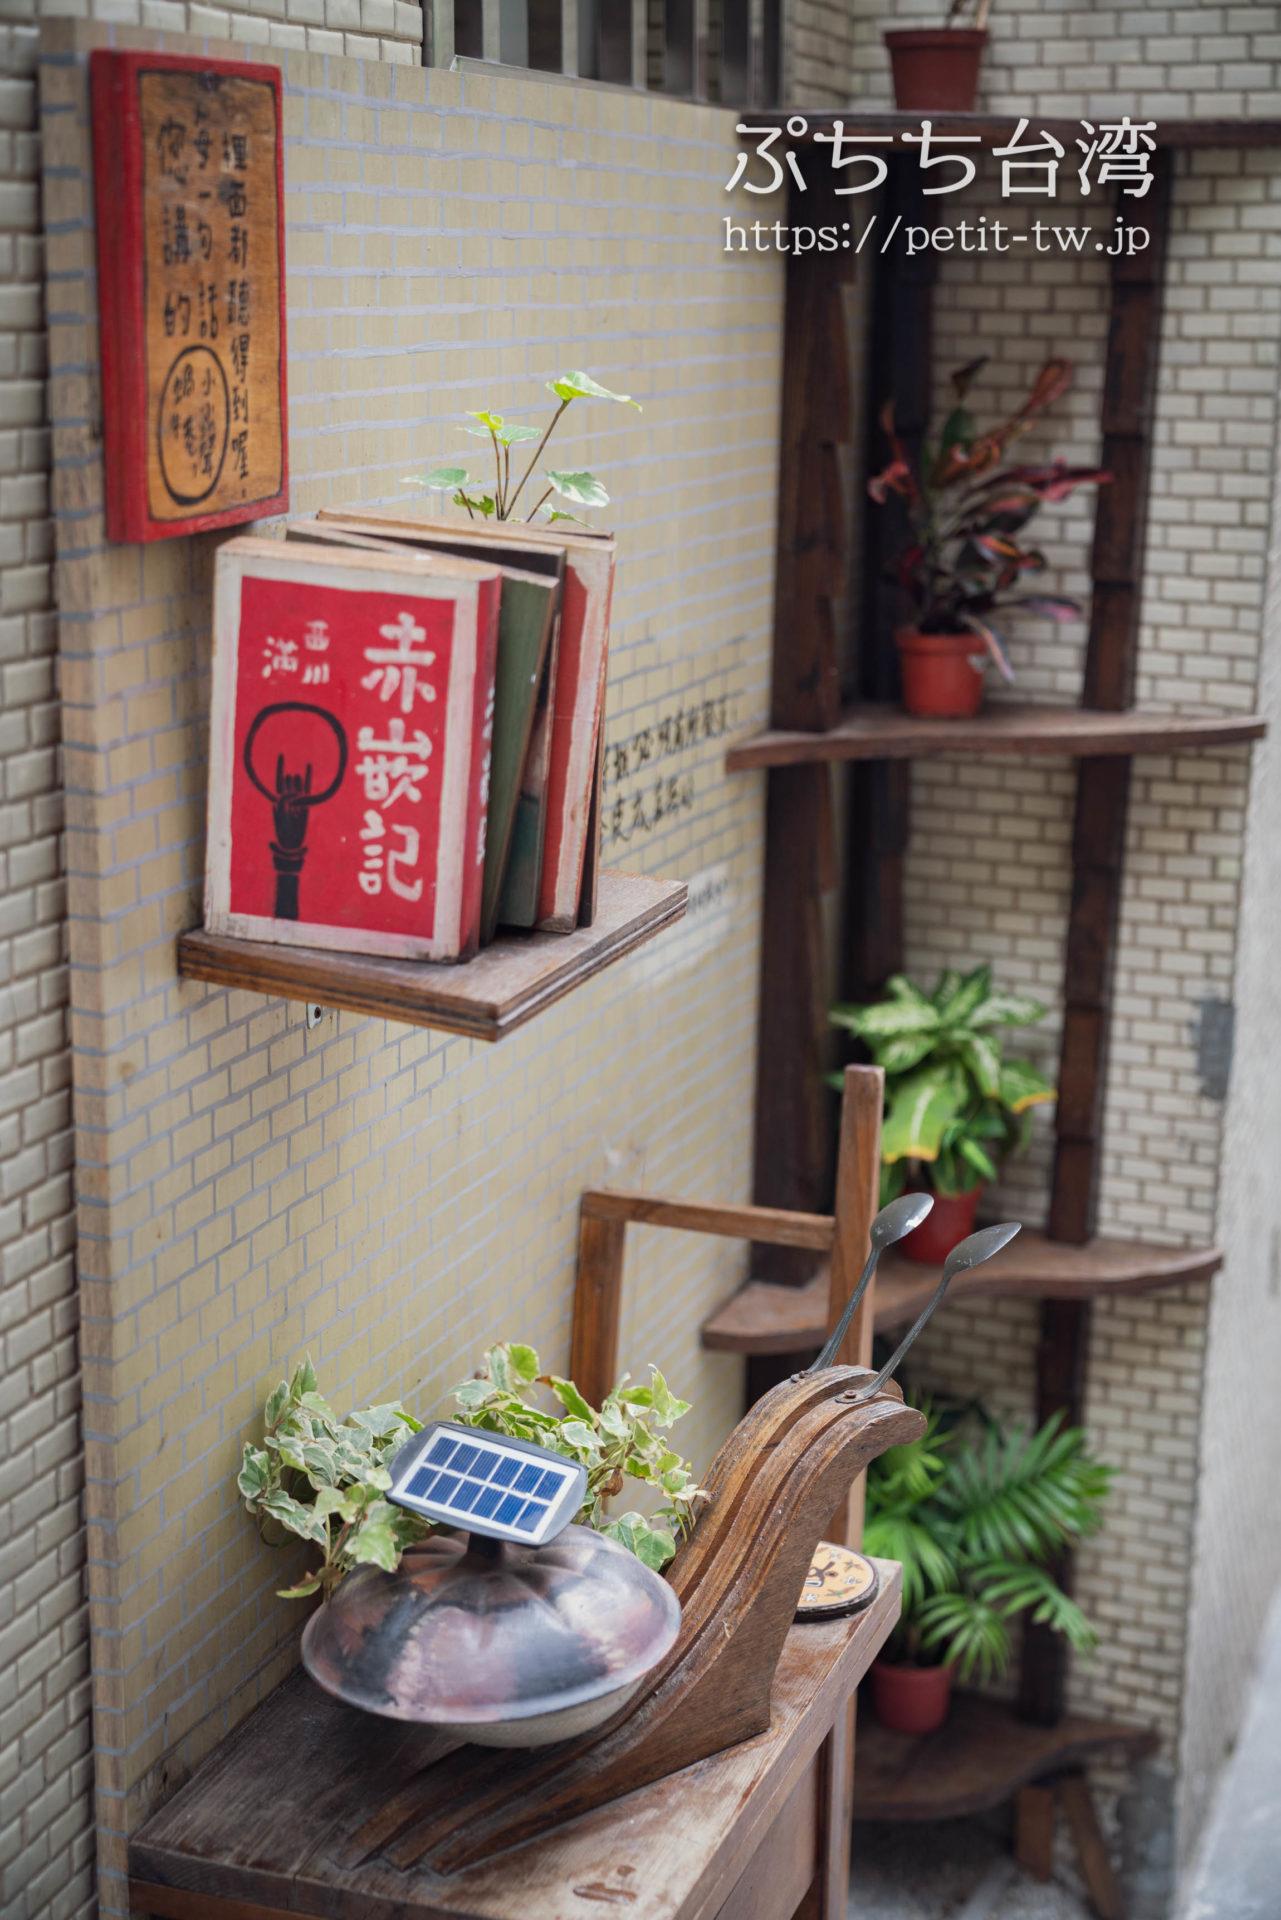 台南 蝸牛巷 Snail Street Tainan